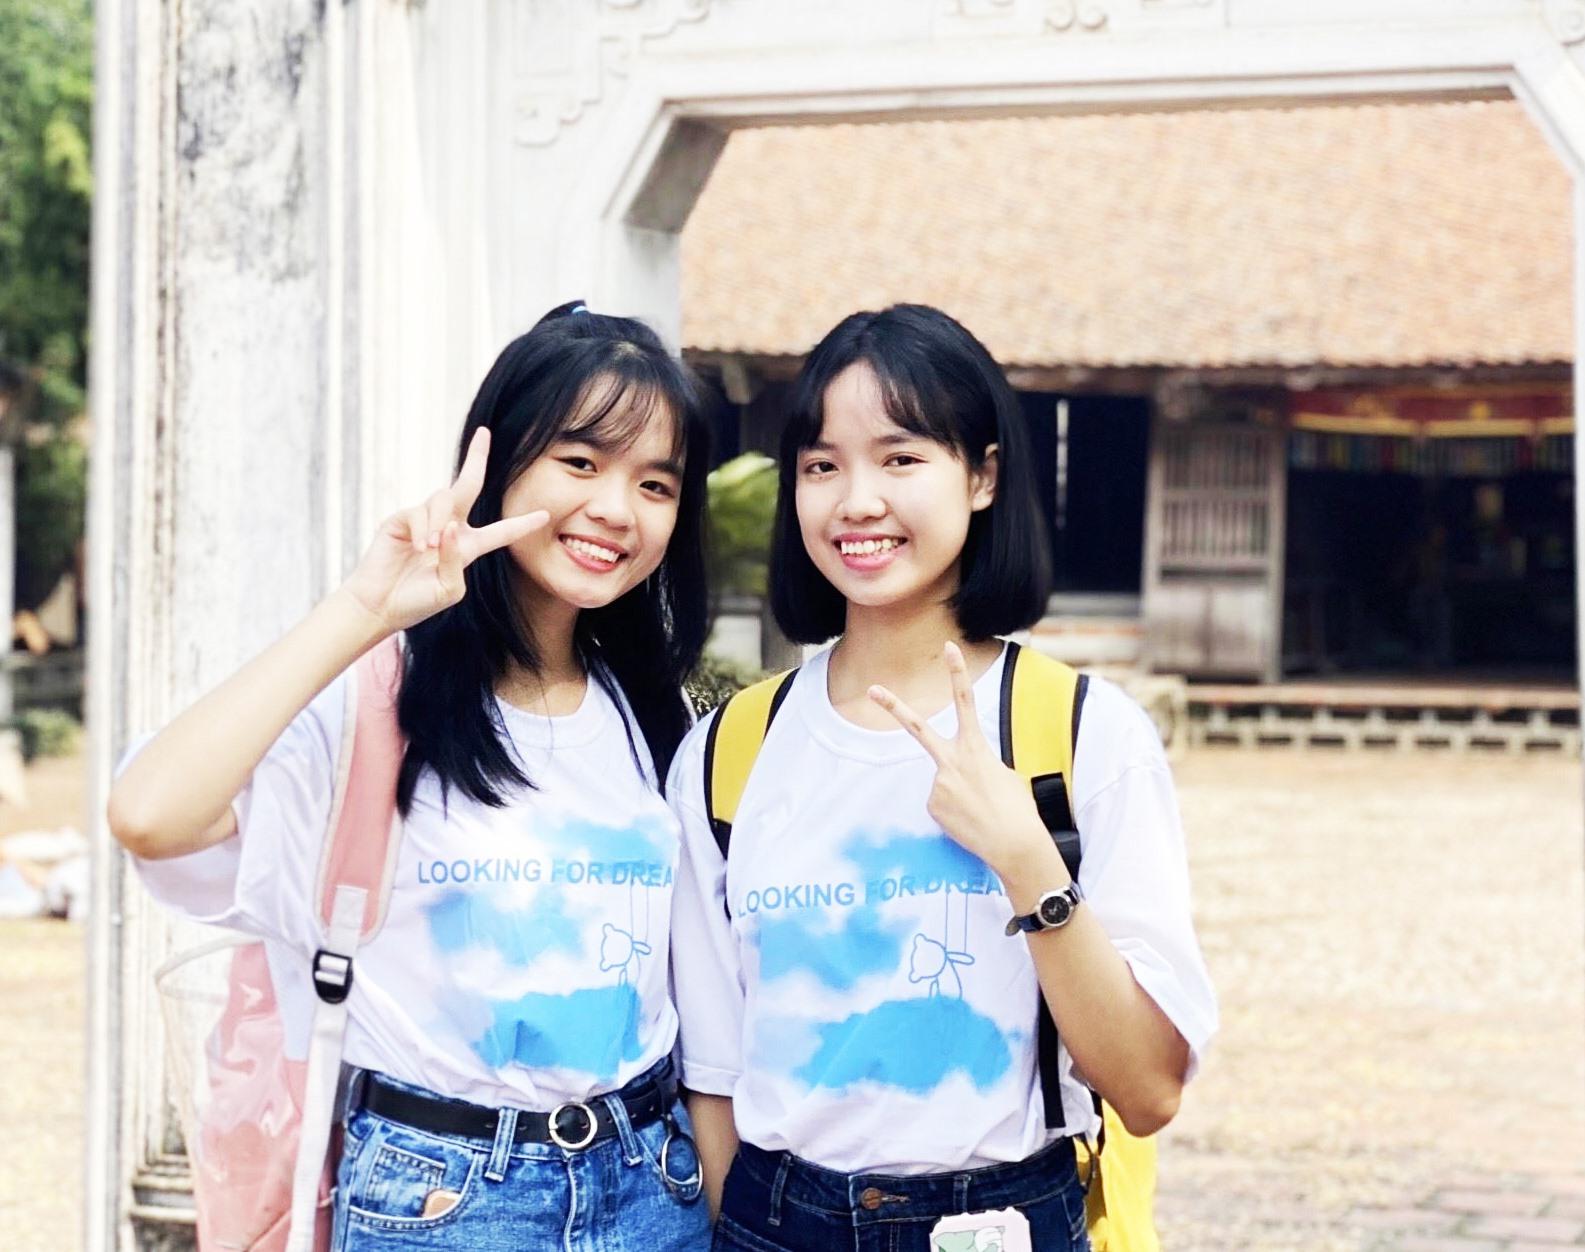 Đôi bạn Quỳnh Hương và Thiên Quỳnh. Ảnh: NVCC